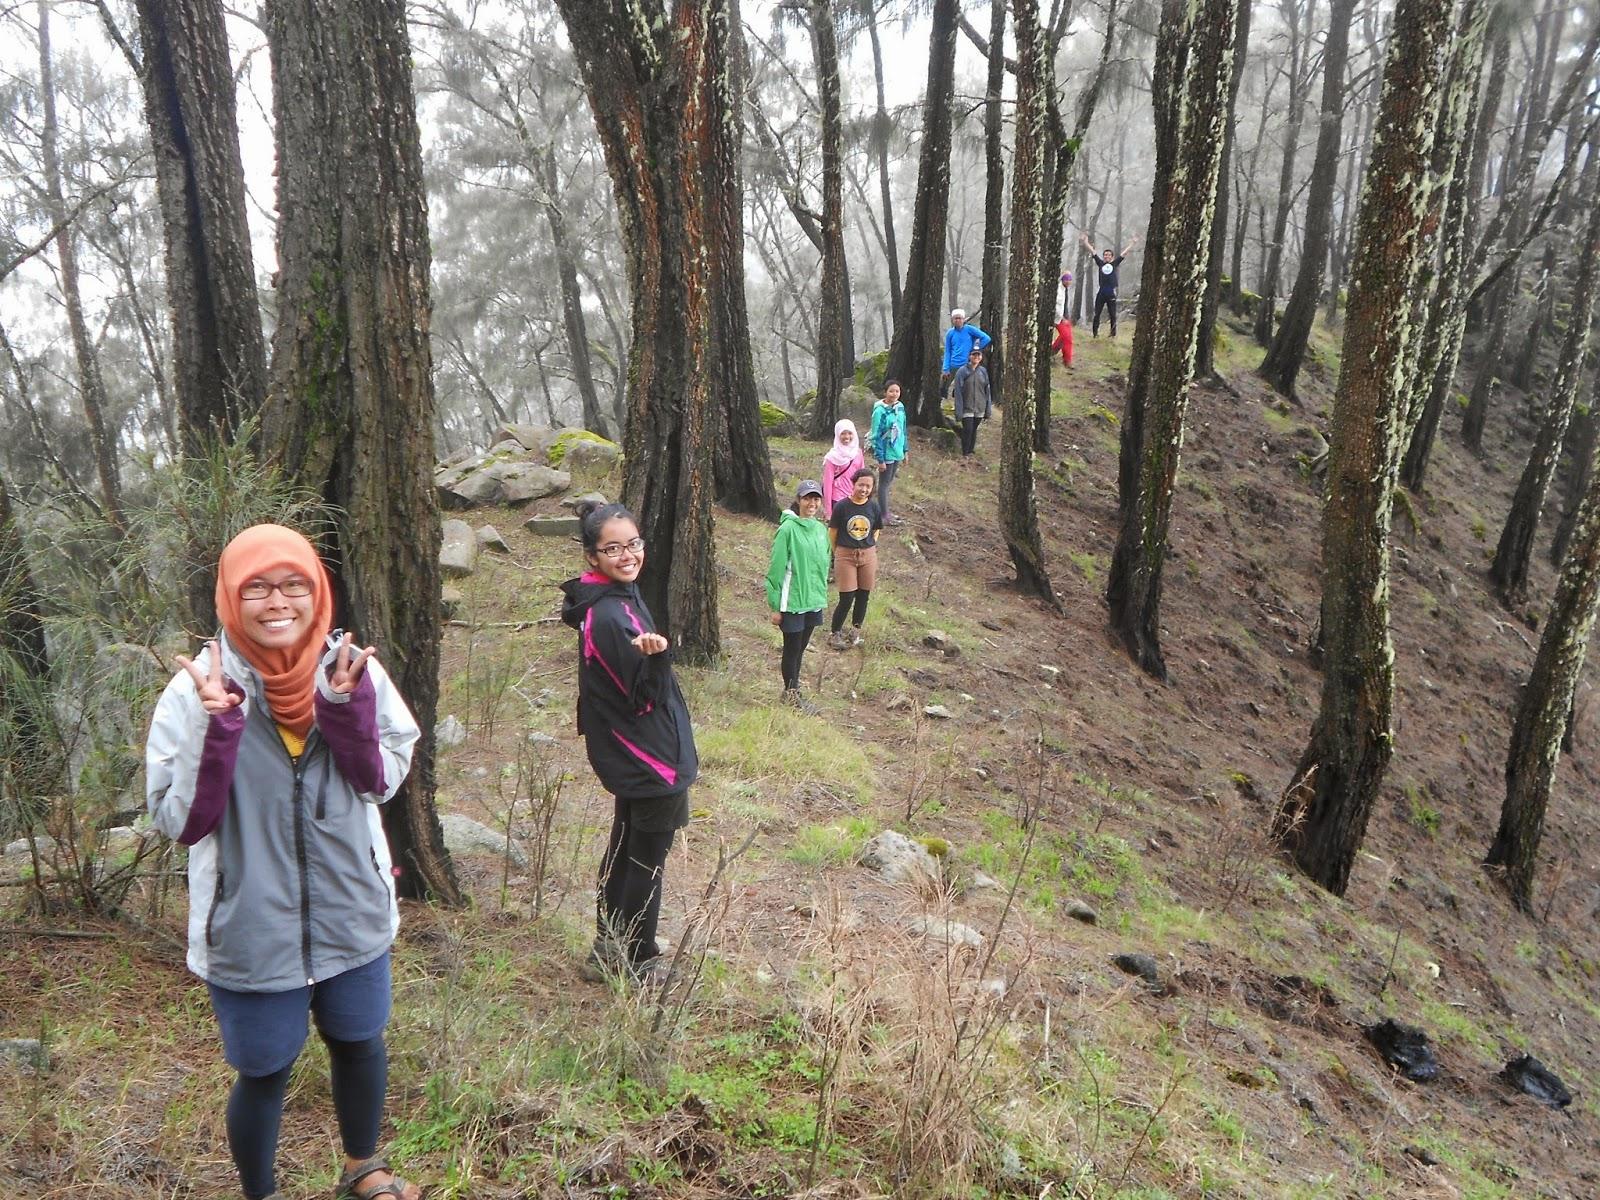 Anugerah Keindahan Alam Indonesia di Gunung Argopuro